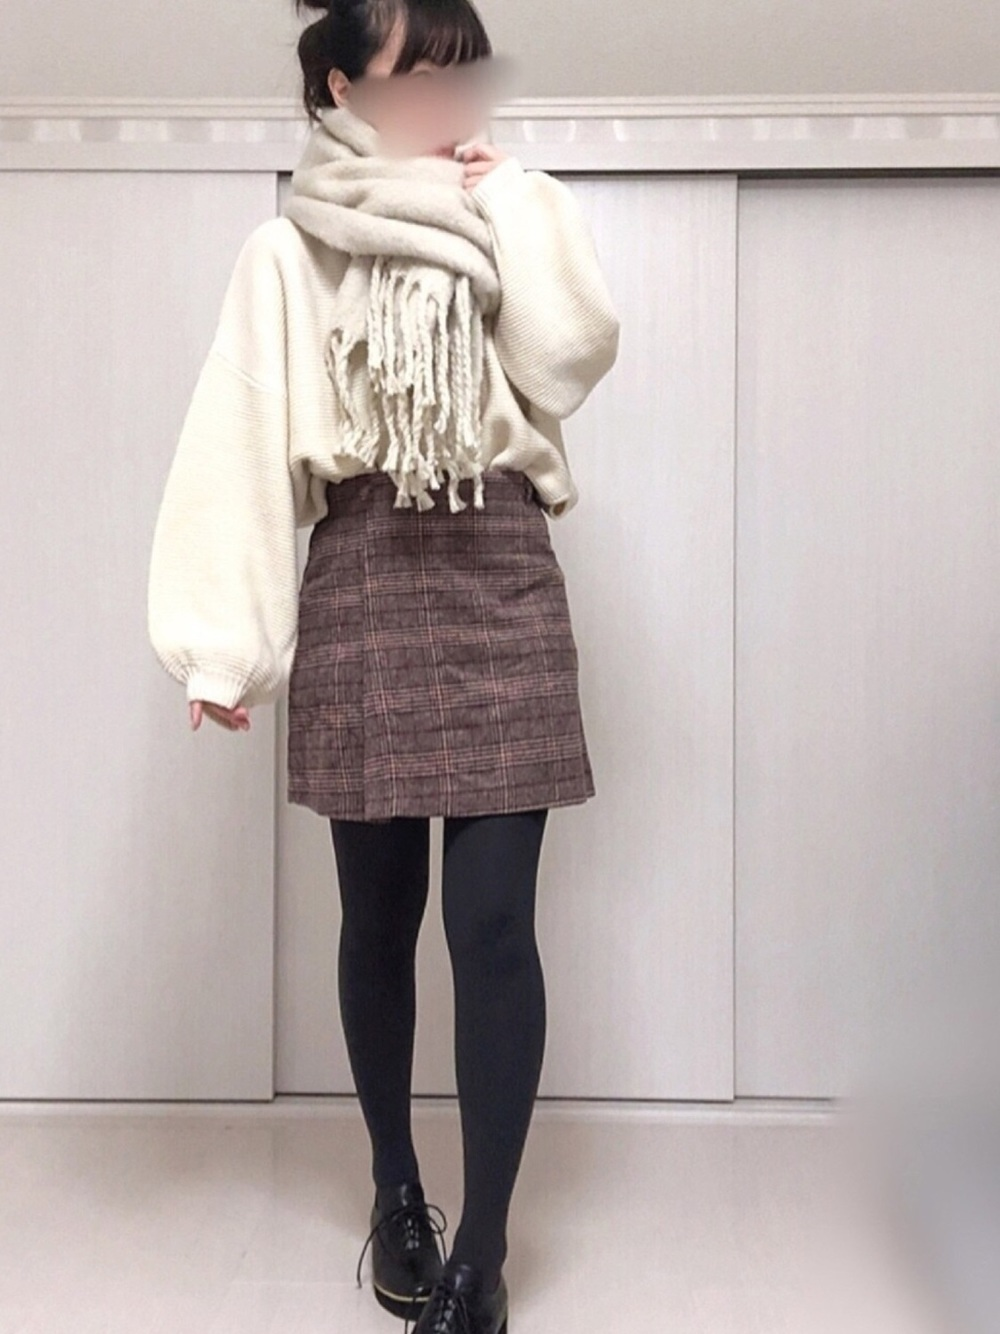 """【保存版】カレもメロメロ…""""愛される""""デートの服装をマスター♡の19枚目の画像"""